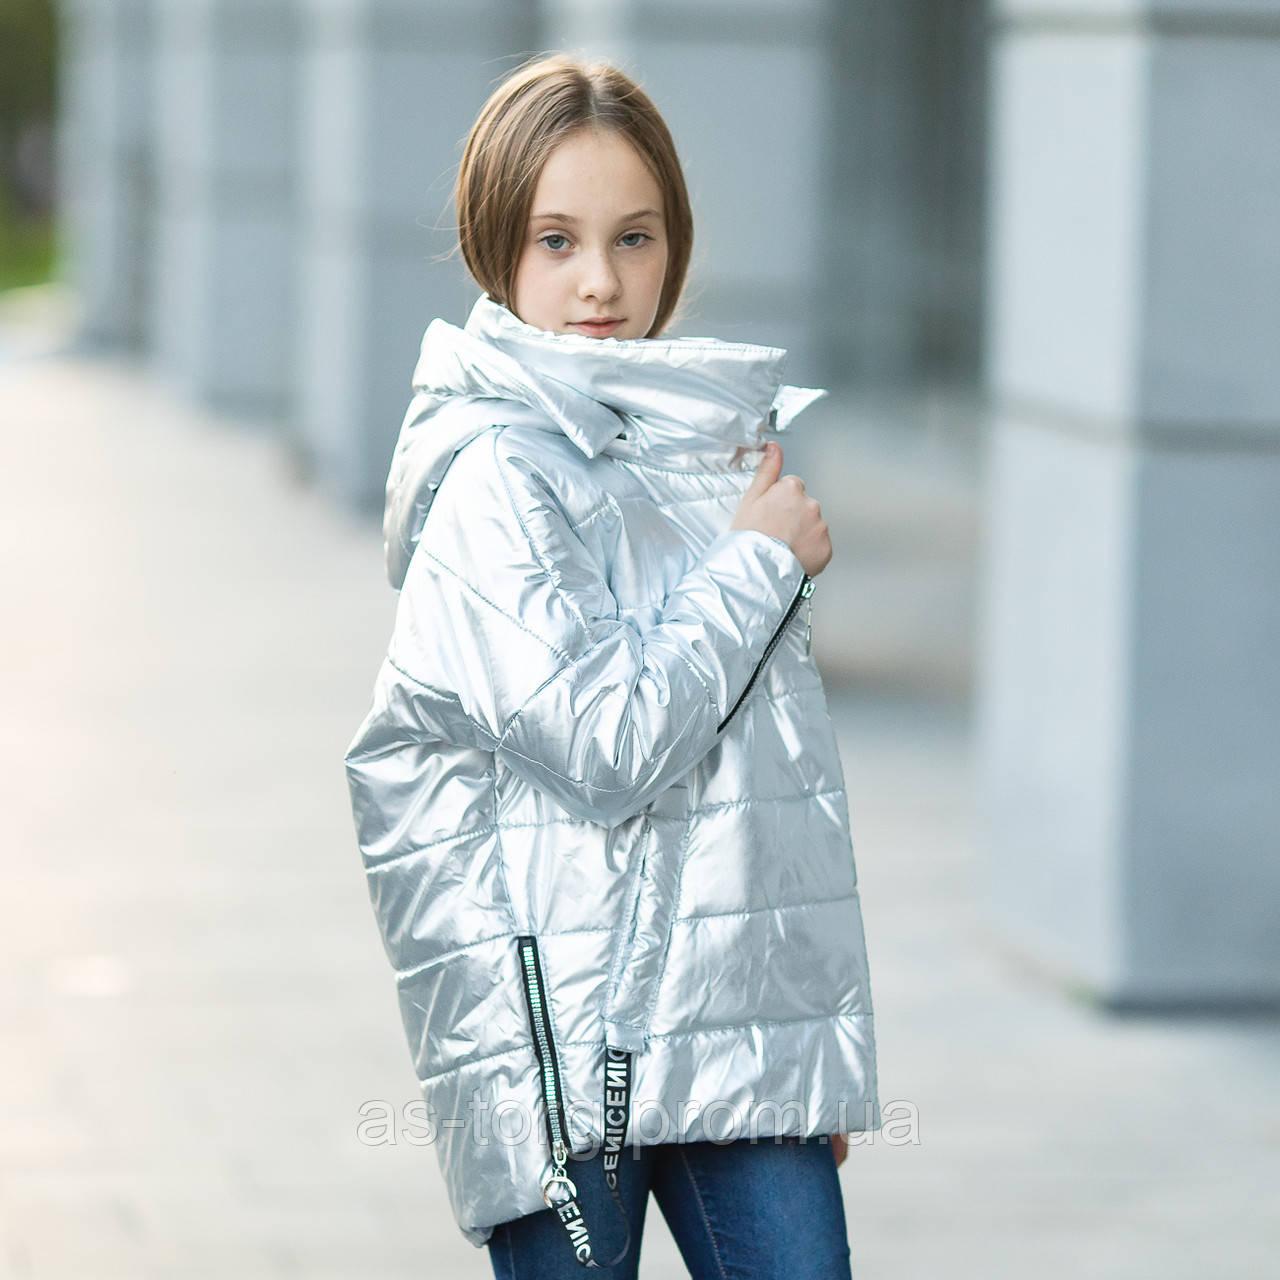 Куртка для девочки «Инга»